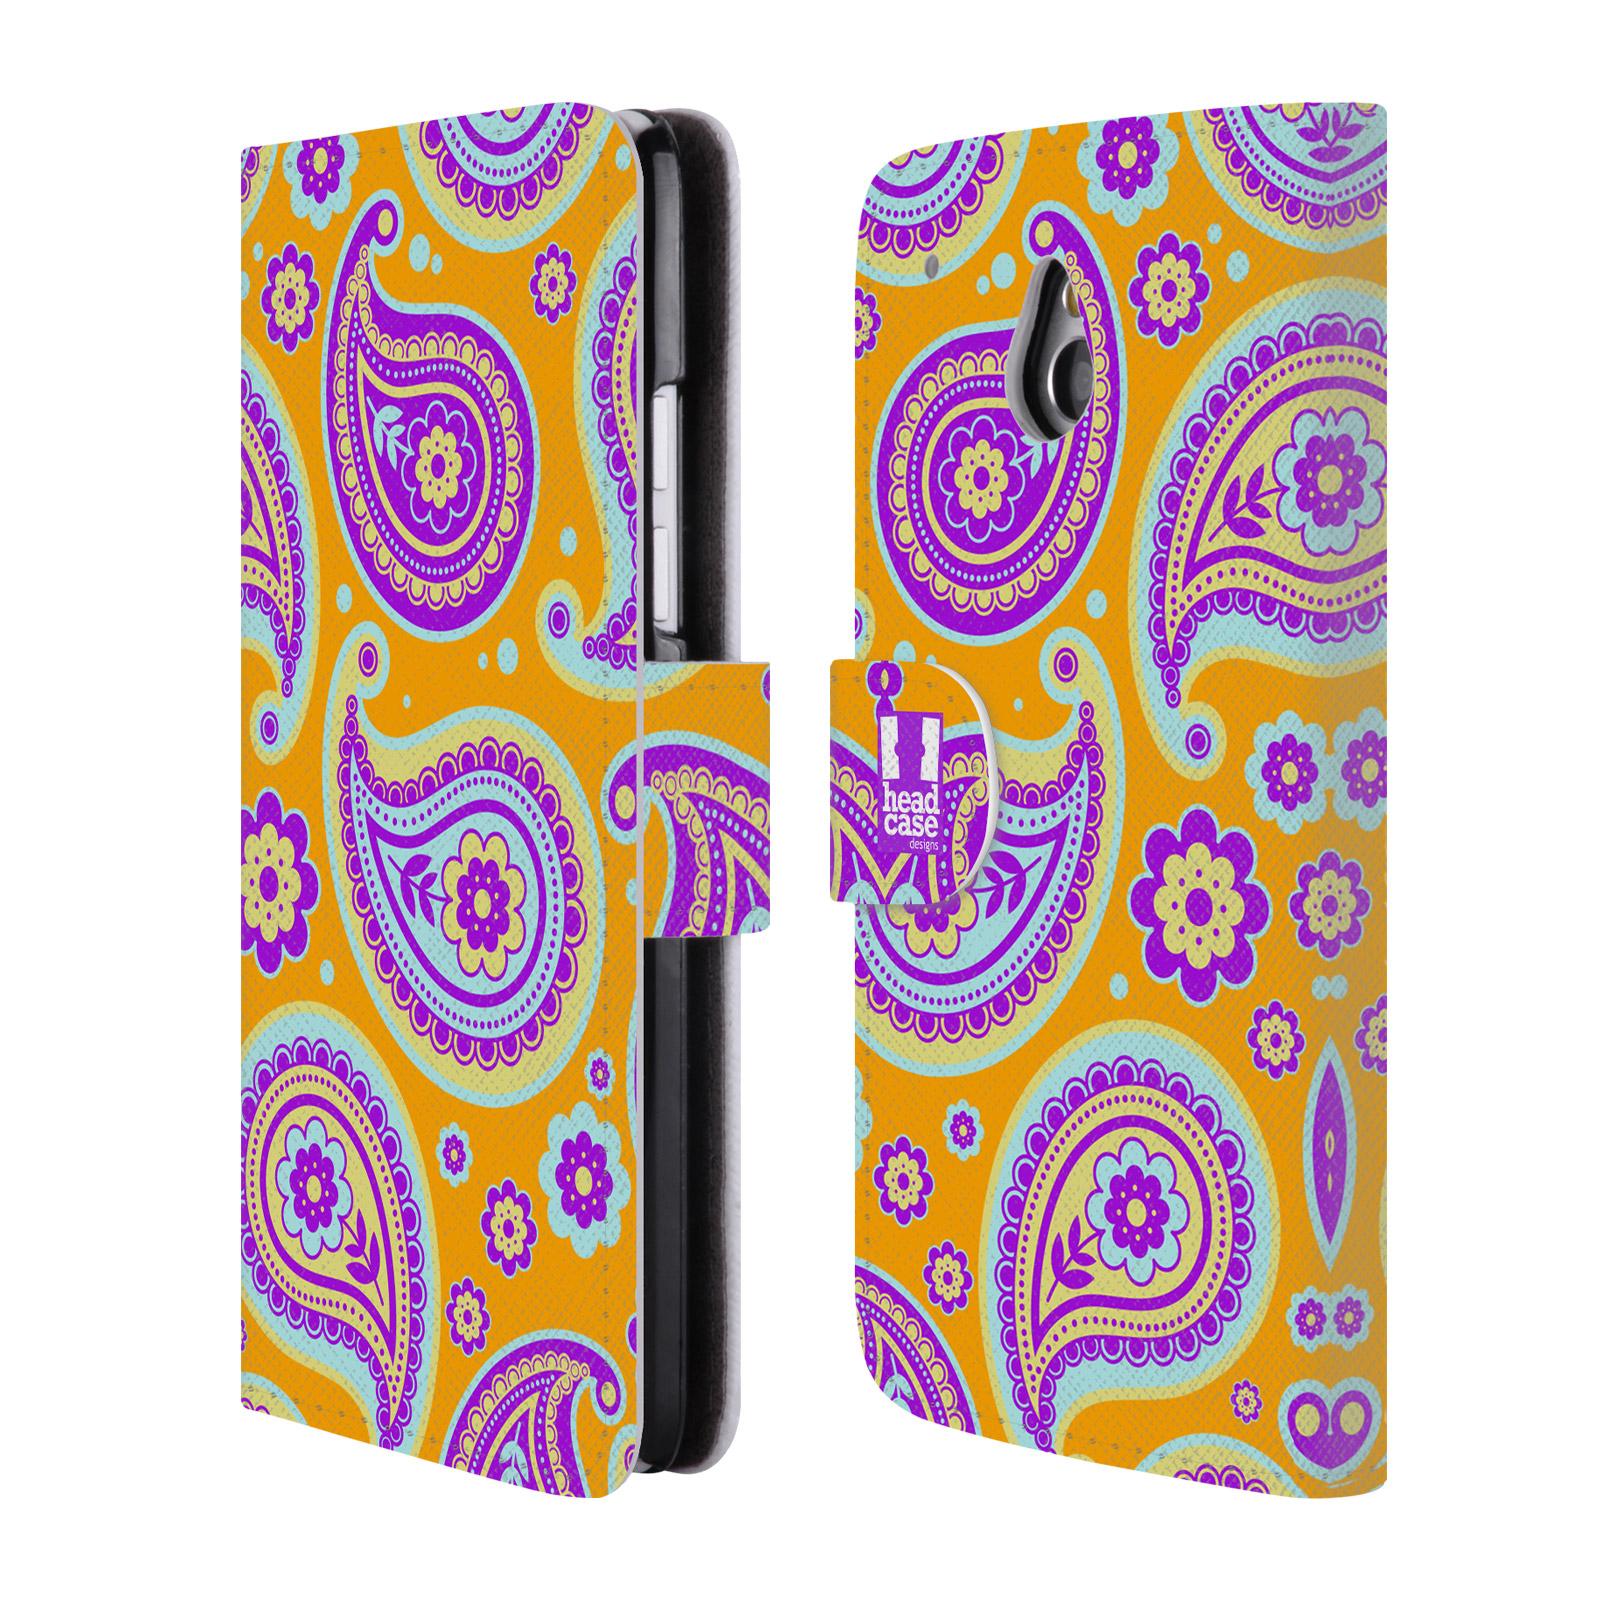 HEAD CASE Flipové pouzdro pro mobil HTC ONE MINI (M4) snové slzy oranžová a fialová